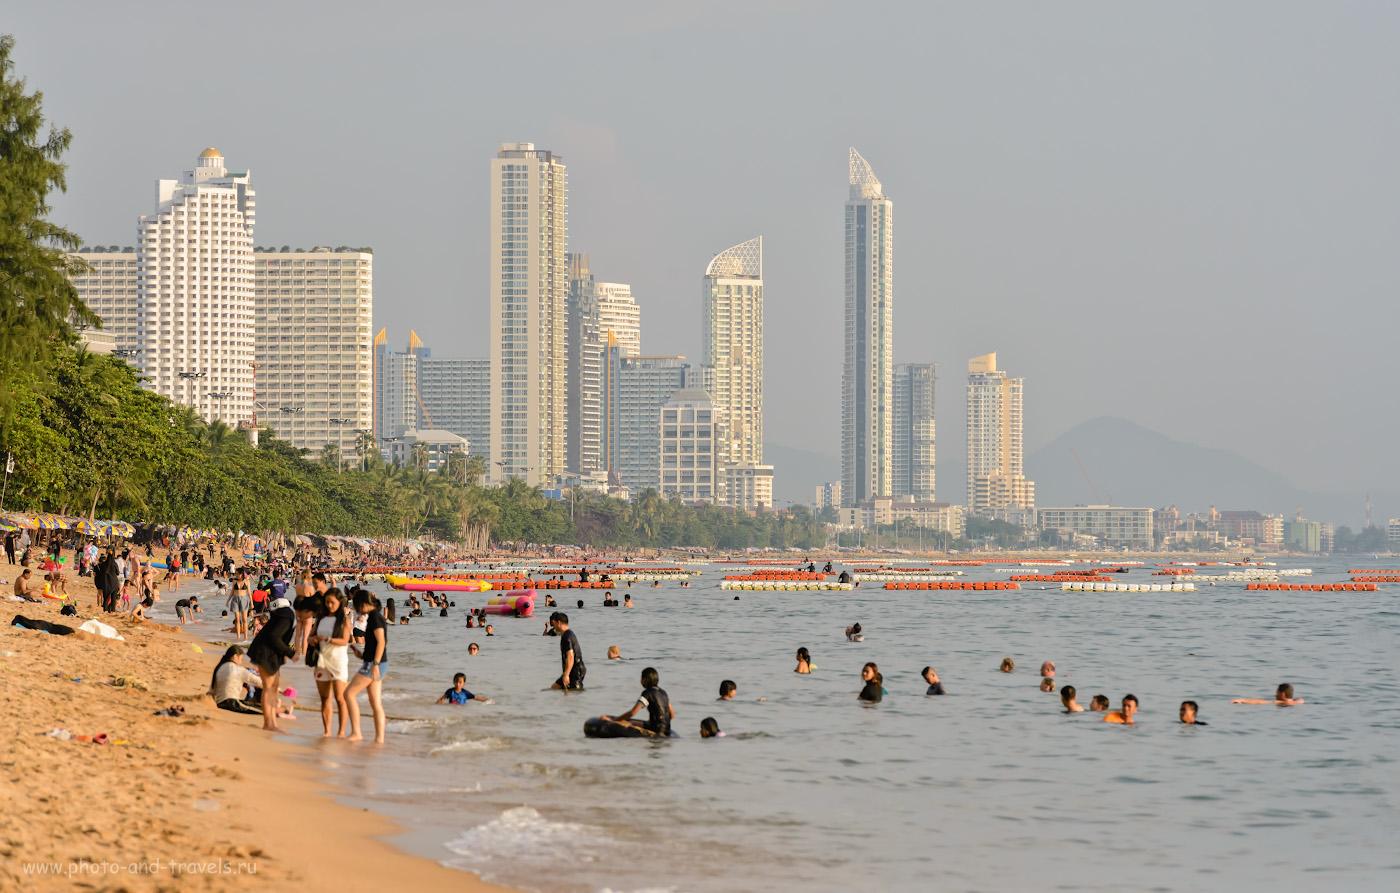 Фотография 9. Пляж Джомтьен в октябре. Вечер в Паттайе. Вид на юг. Фотоаппарат Nikon D610, объектив Nikon 70-200mm f/2.8G. 1/3200, +0.33, 8.0, 1600, 200.